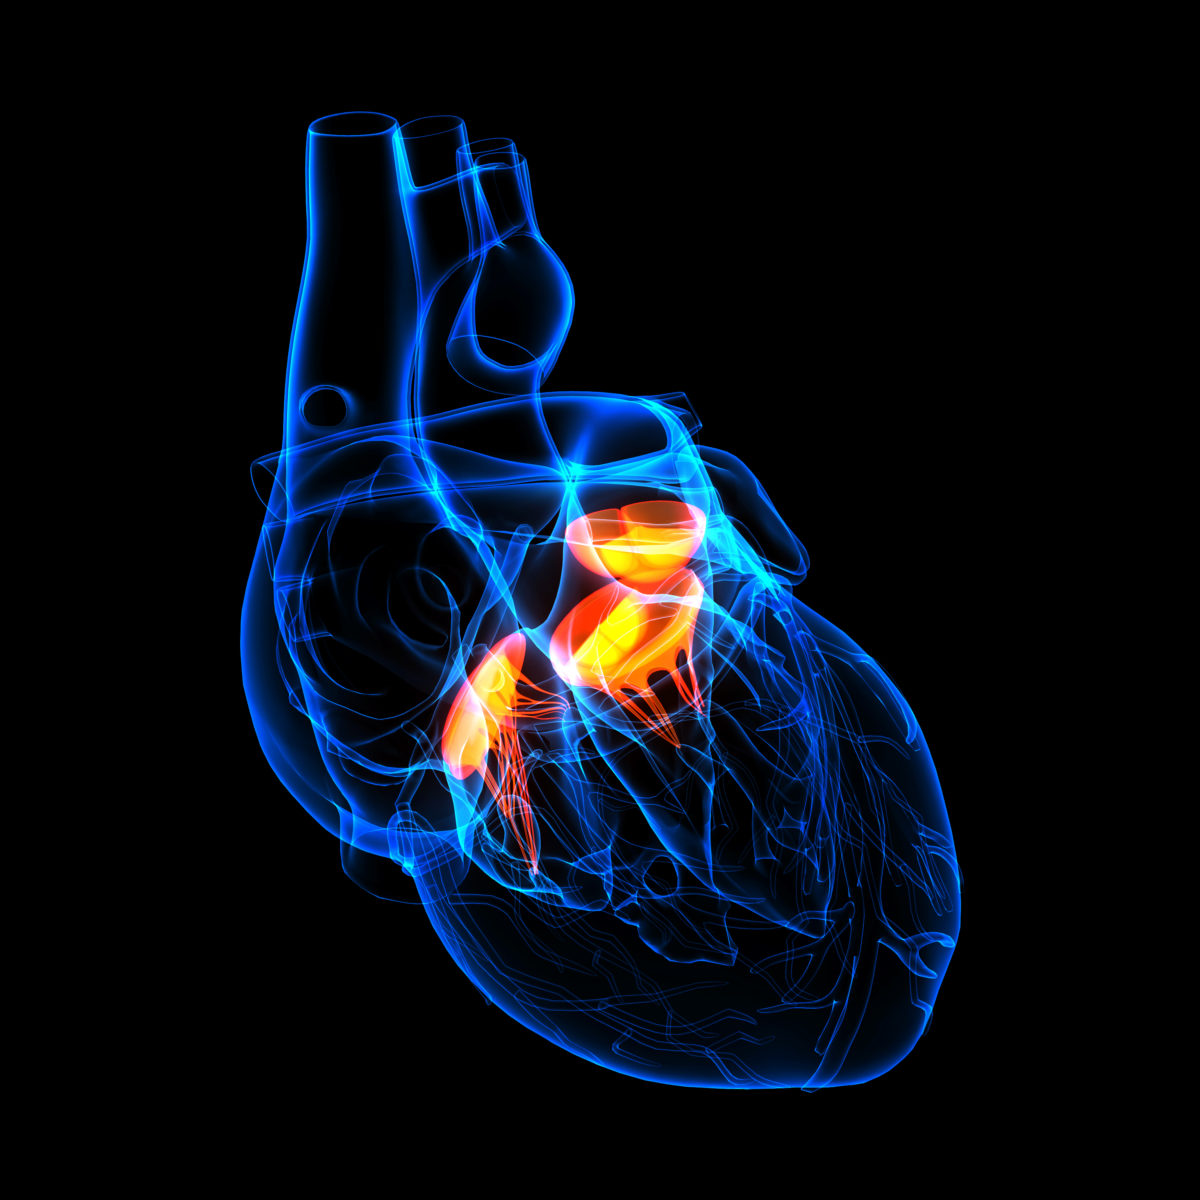 bigstock-d-render-Heart-valve-side-v-52863799-1-1200x1200.jpg